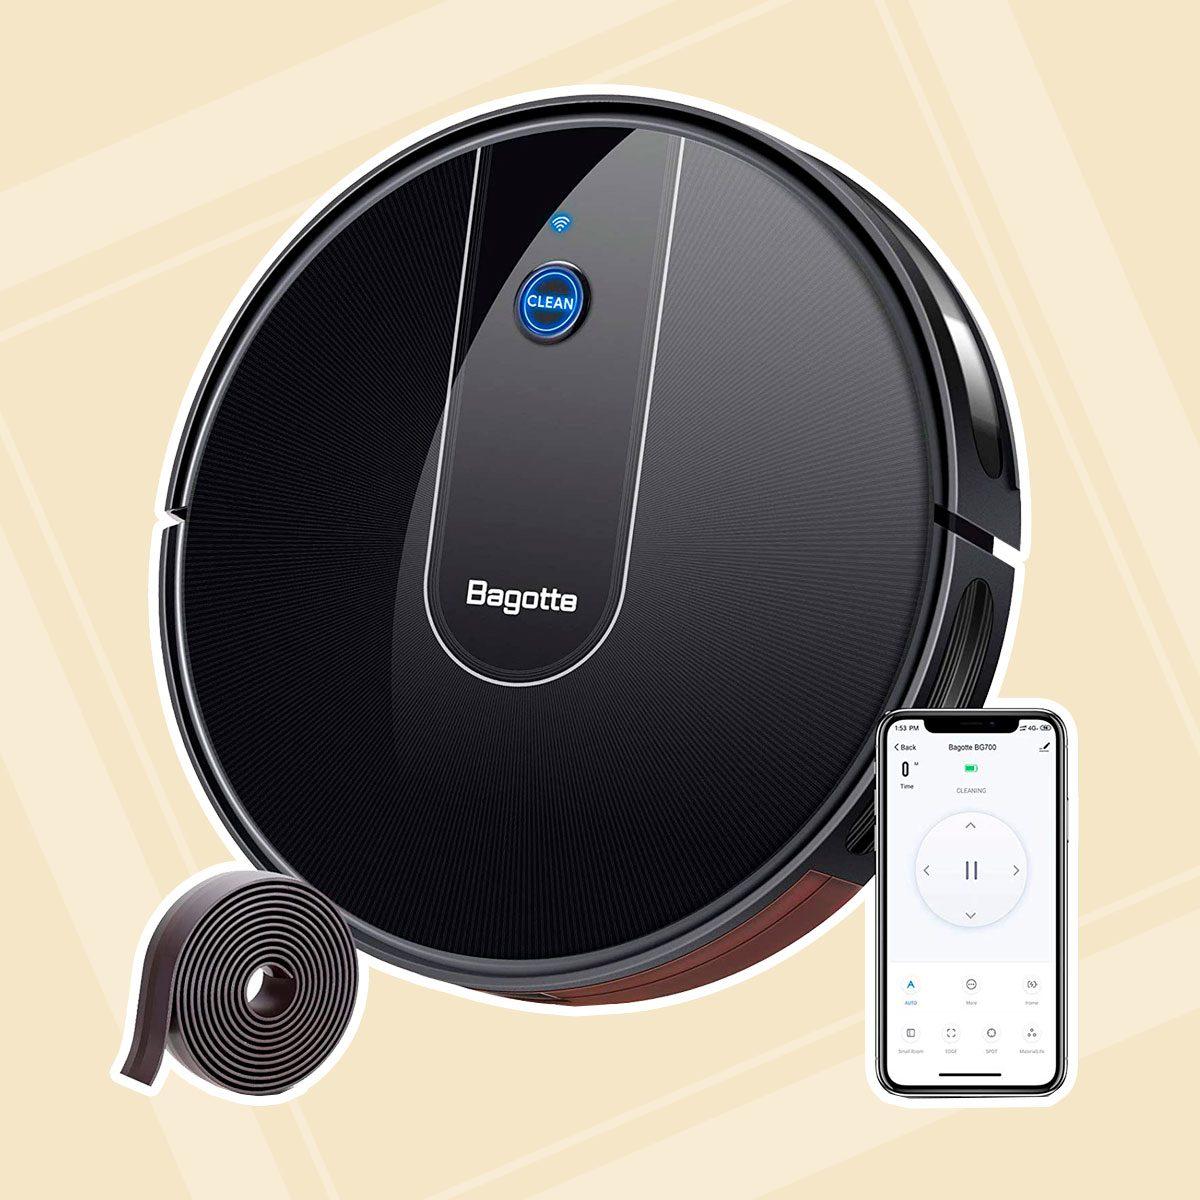 BagotteRobot Vacuum Cleaner